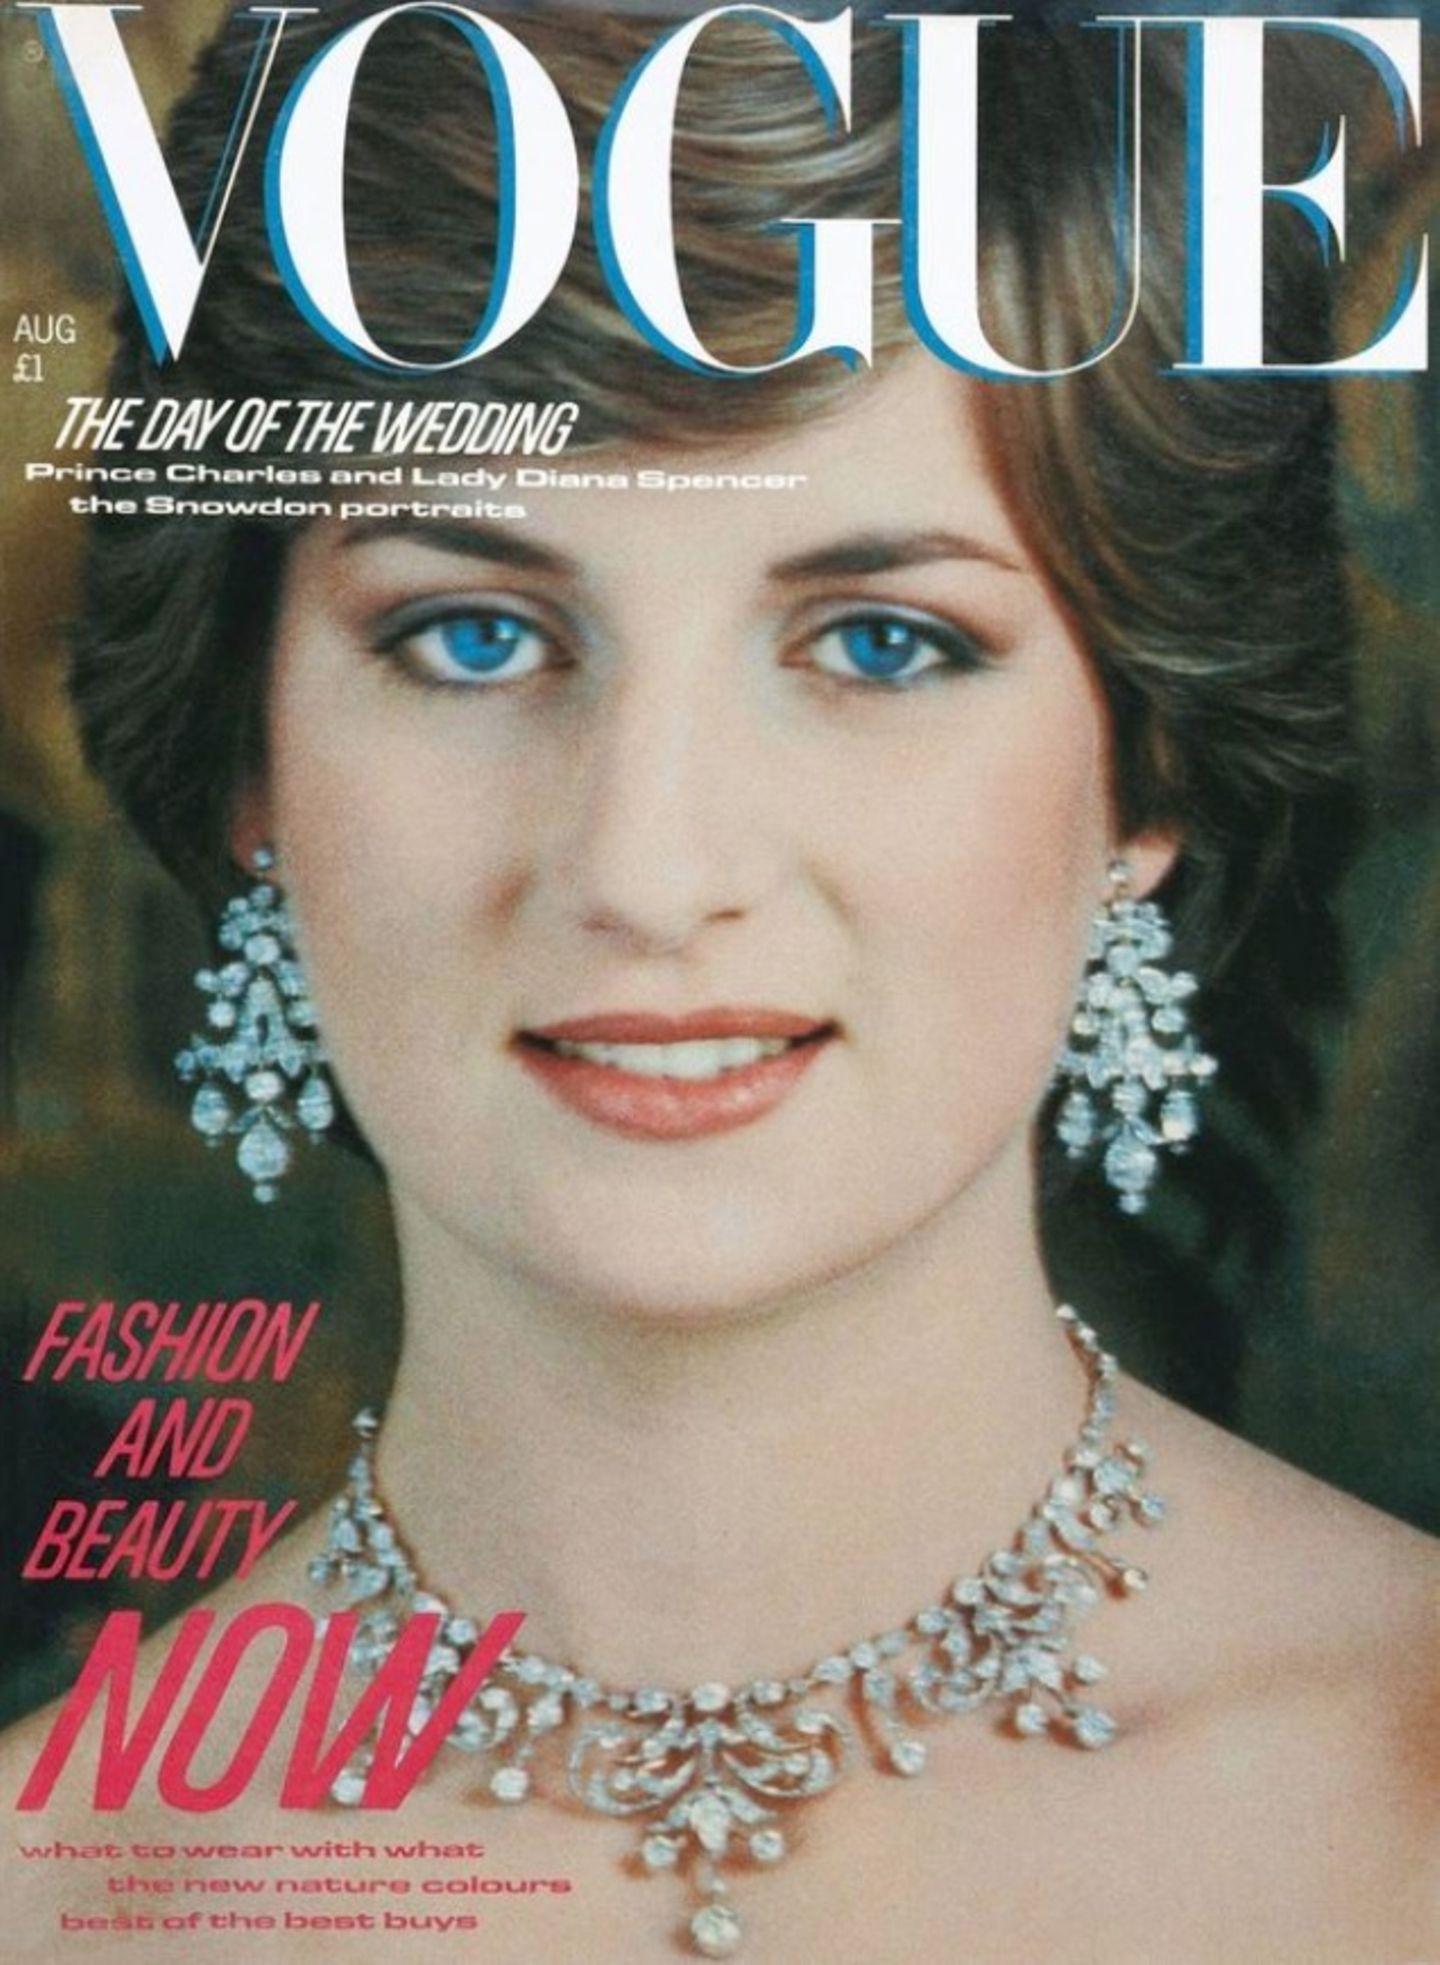 1981: Lady Dianas erstes Vogue-Cover erschien im August 1981, einen Monat nach der Hochzeit mit Prinz Charles.